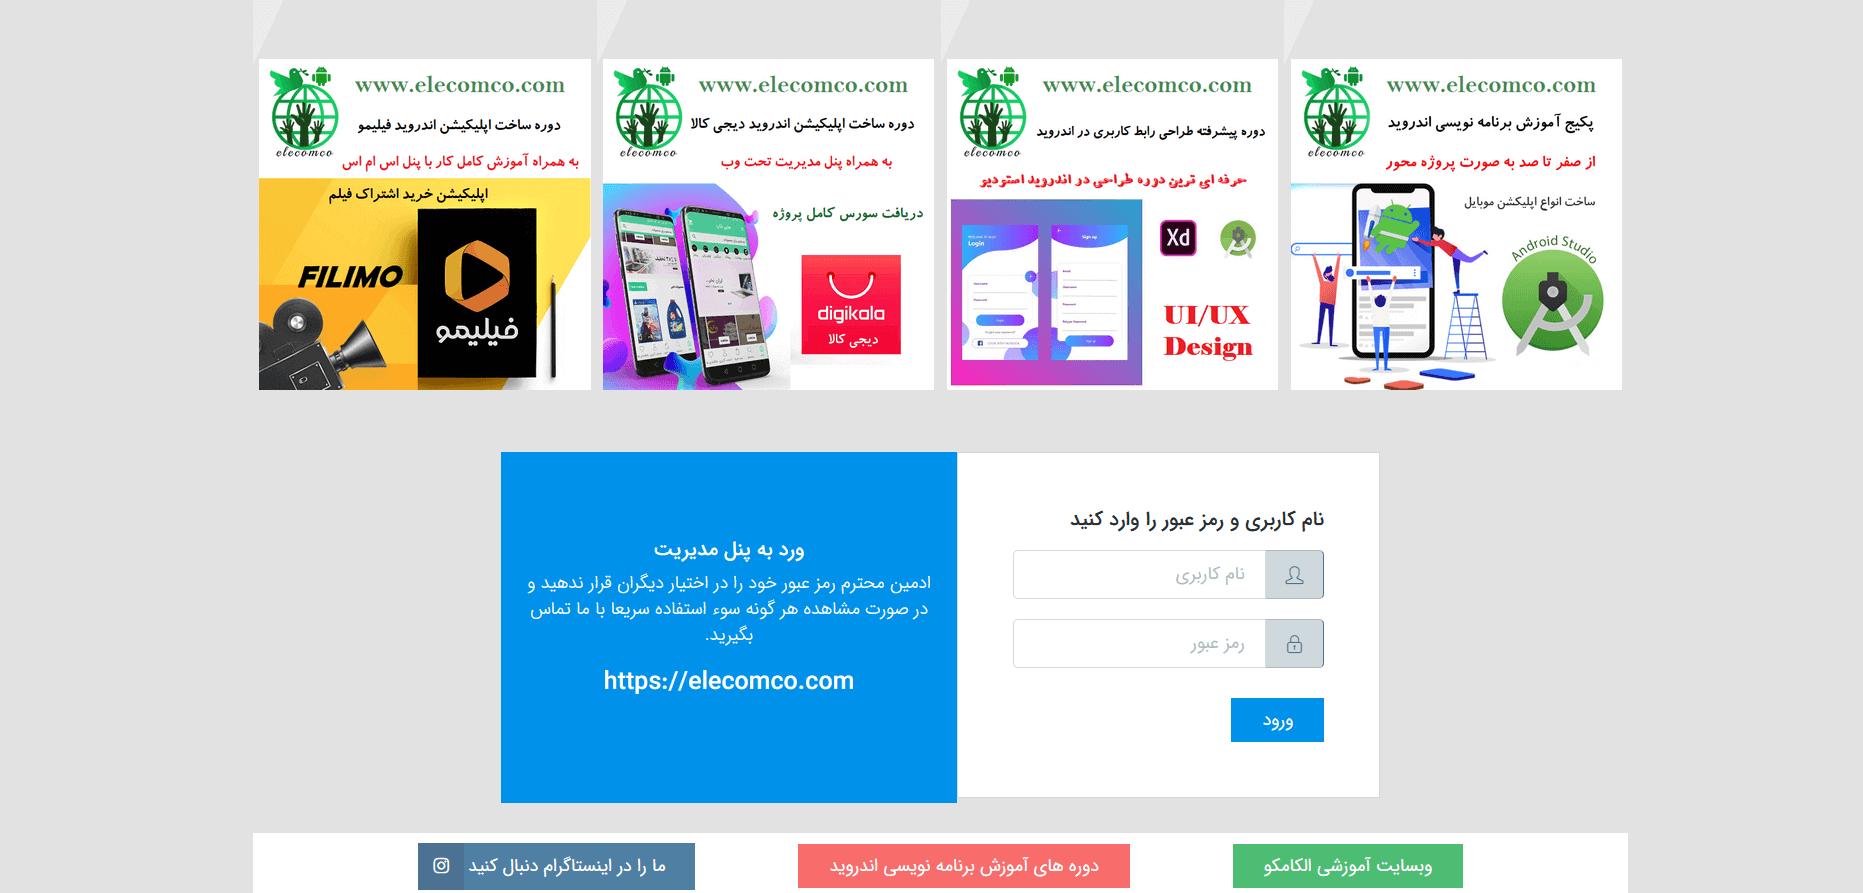 دوره آموزش ساخت اپلیکیشن دیجی کالا به همراه سورس - سایت آموزش برنامه نویسی اندروید الکامکو